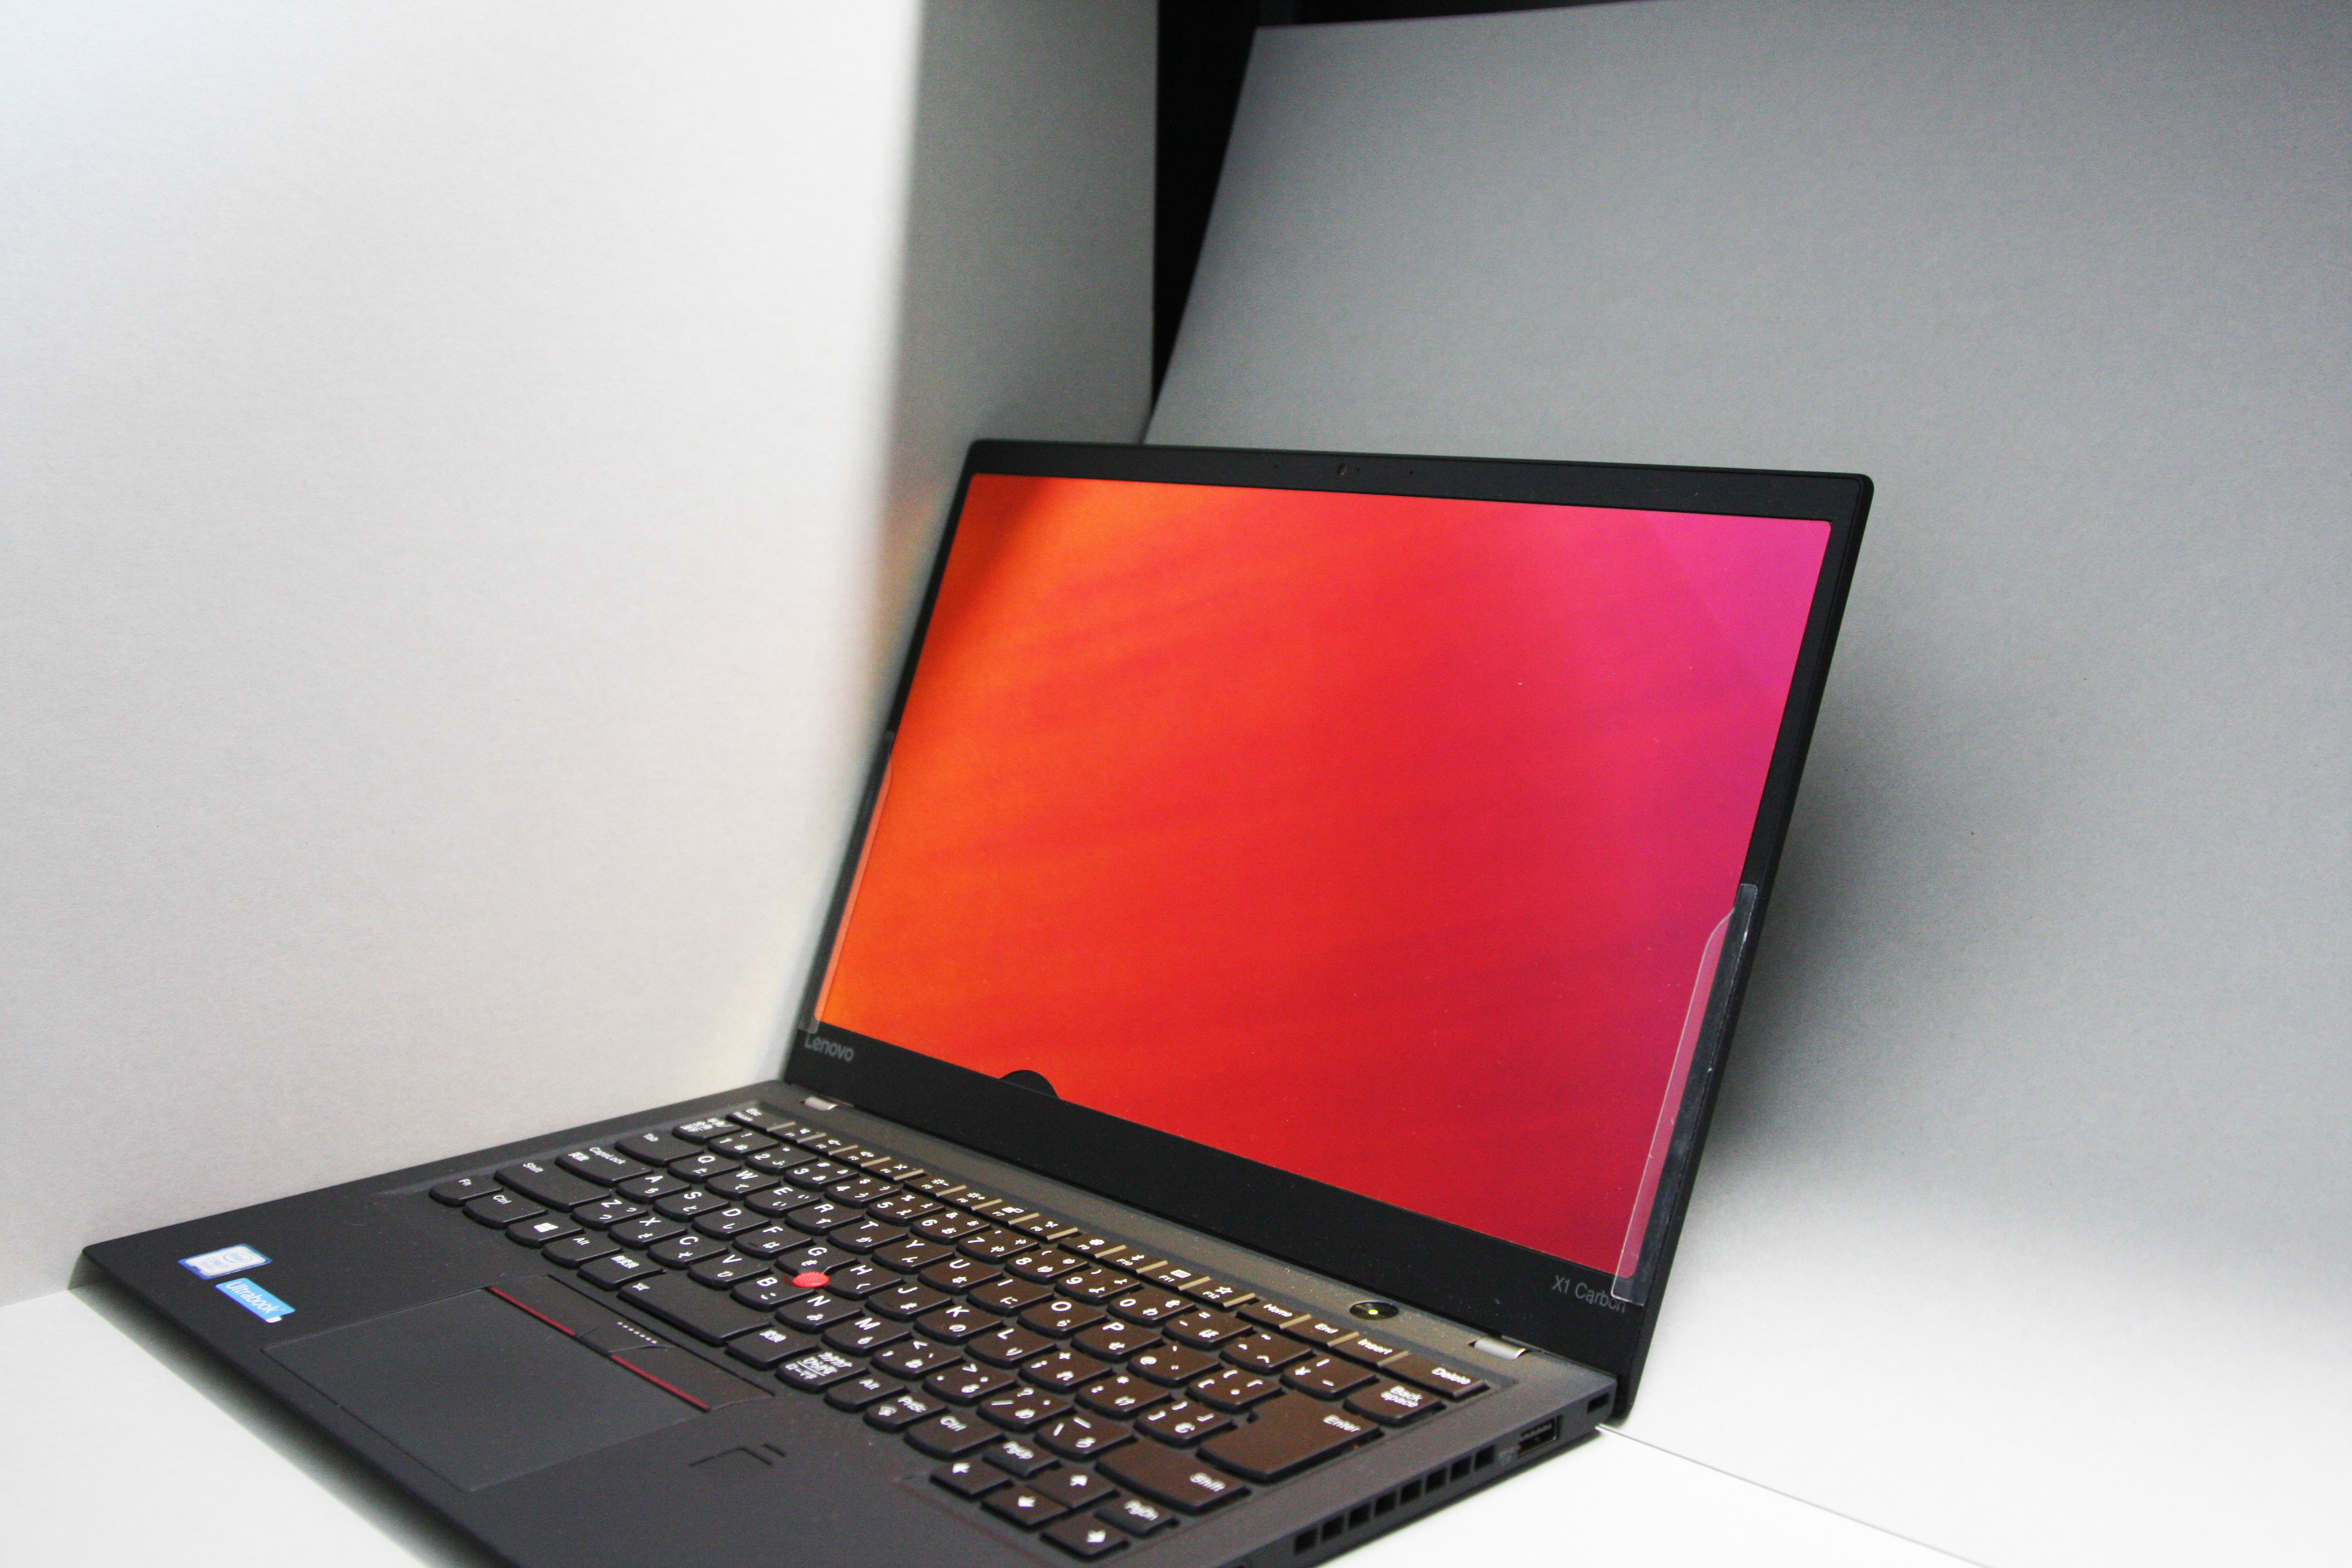 覗かれ防止シートをつけてノートパソコンを横から見た状態